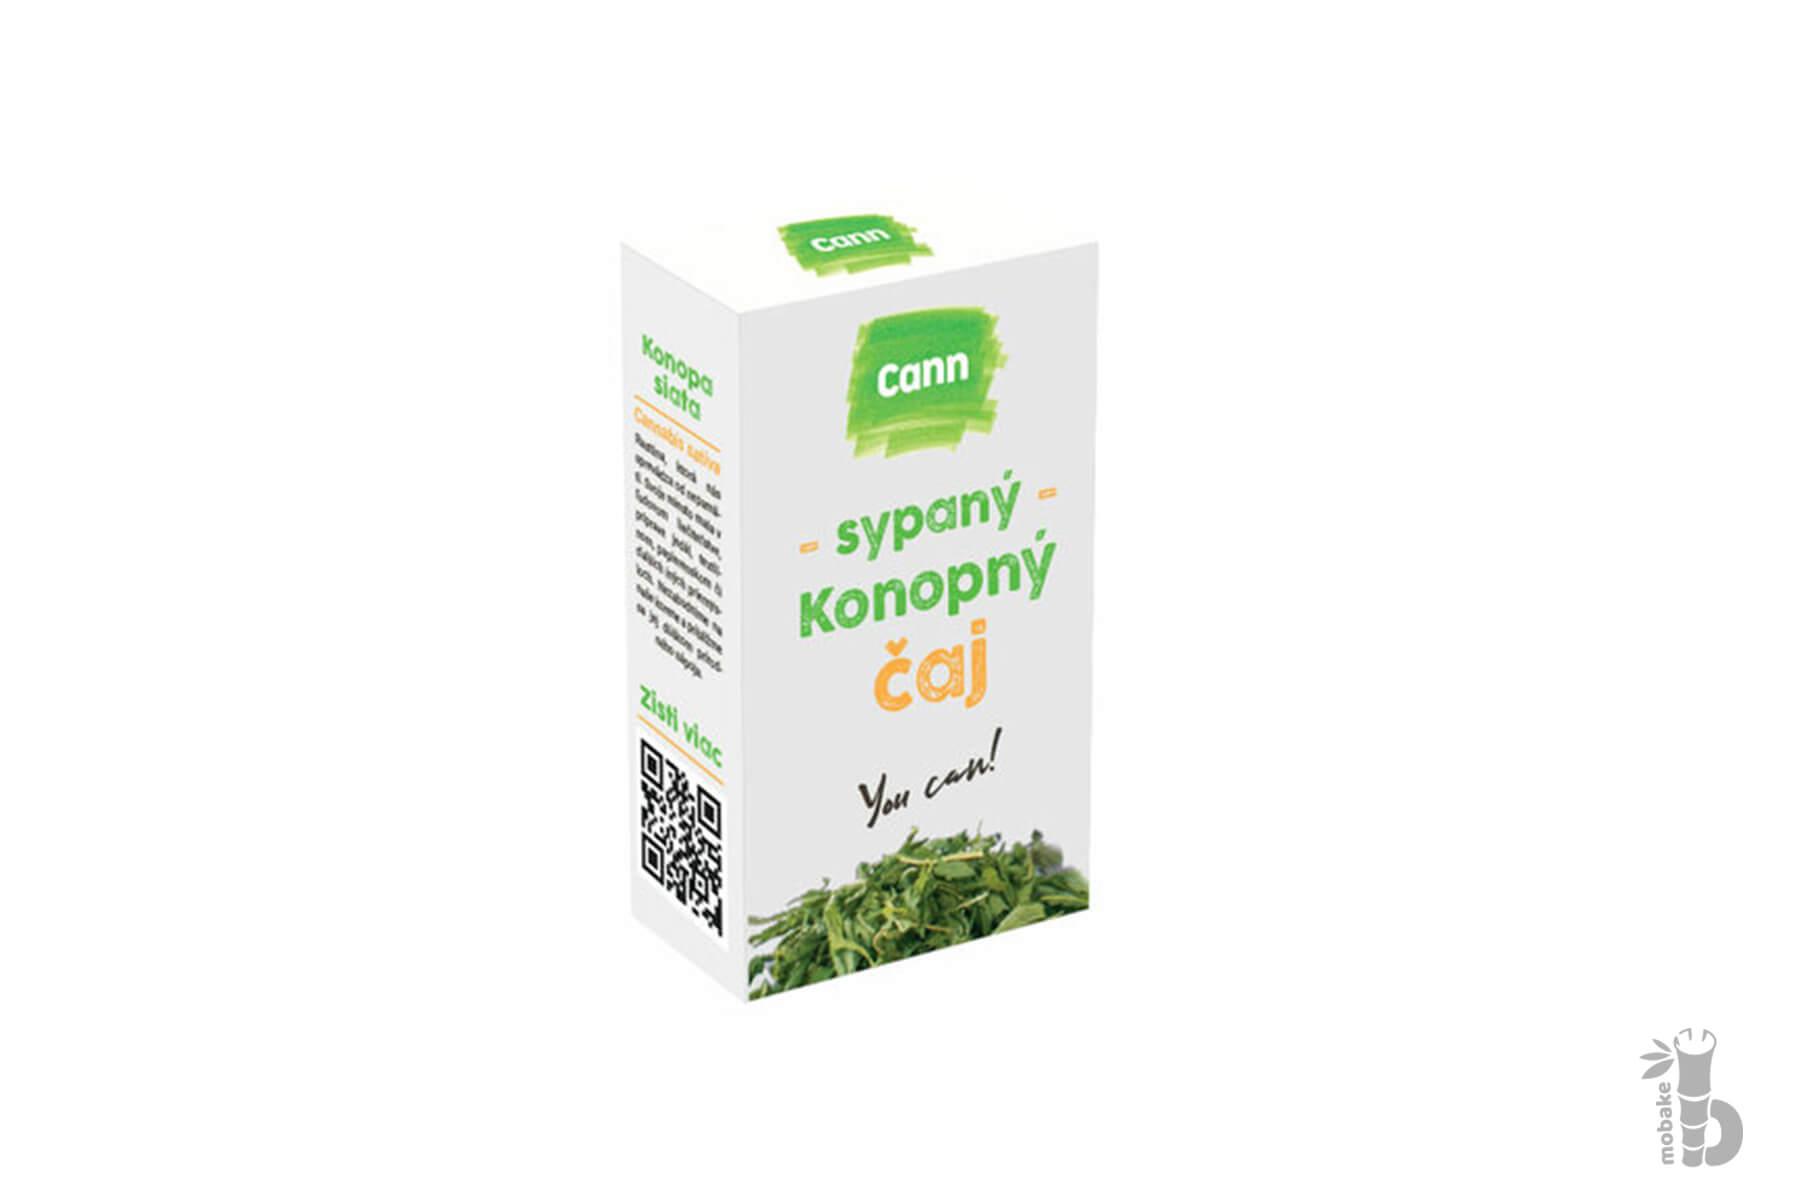 CANN Konopný čaj sypaný 20 g